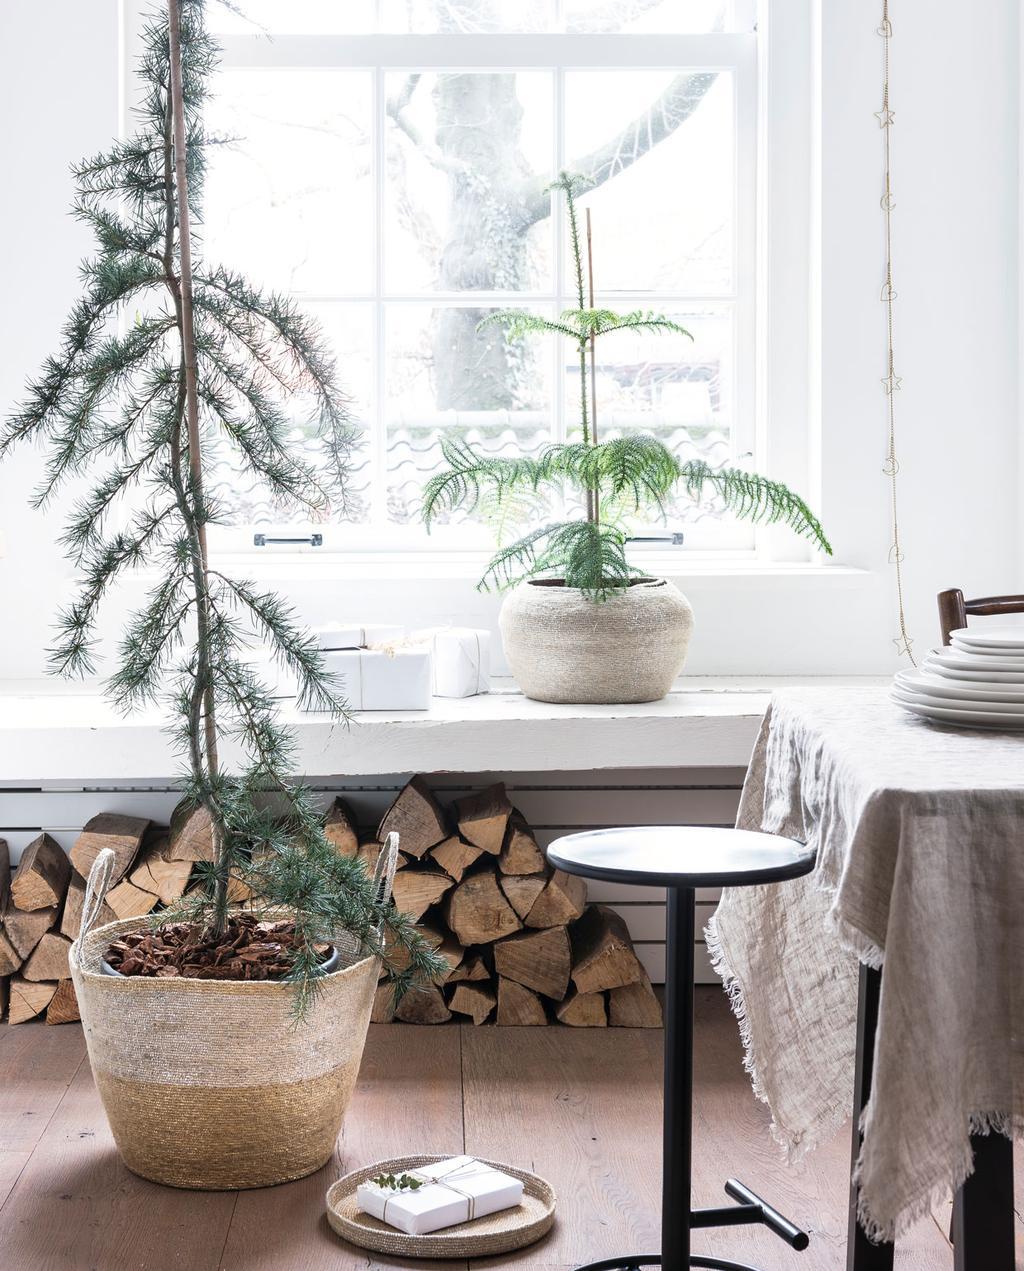 vtwonen 12-2019 | vtwonen feestcollectie najaar 2019 feestartikelen kerstboom huiskamer